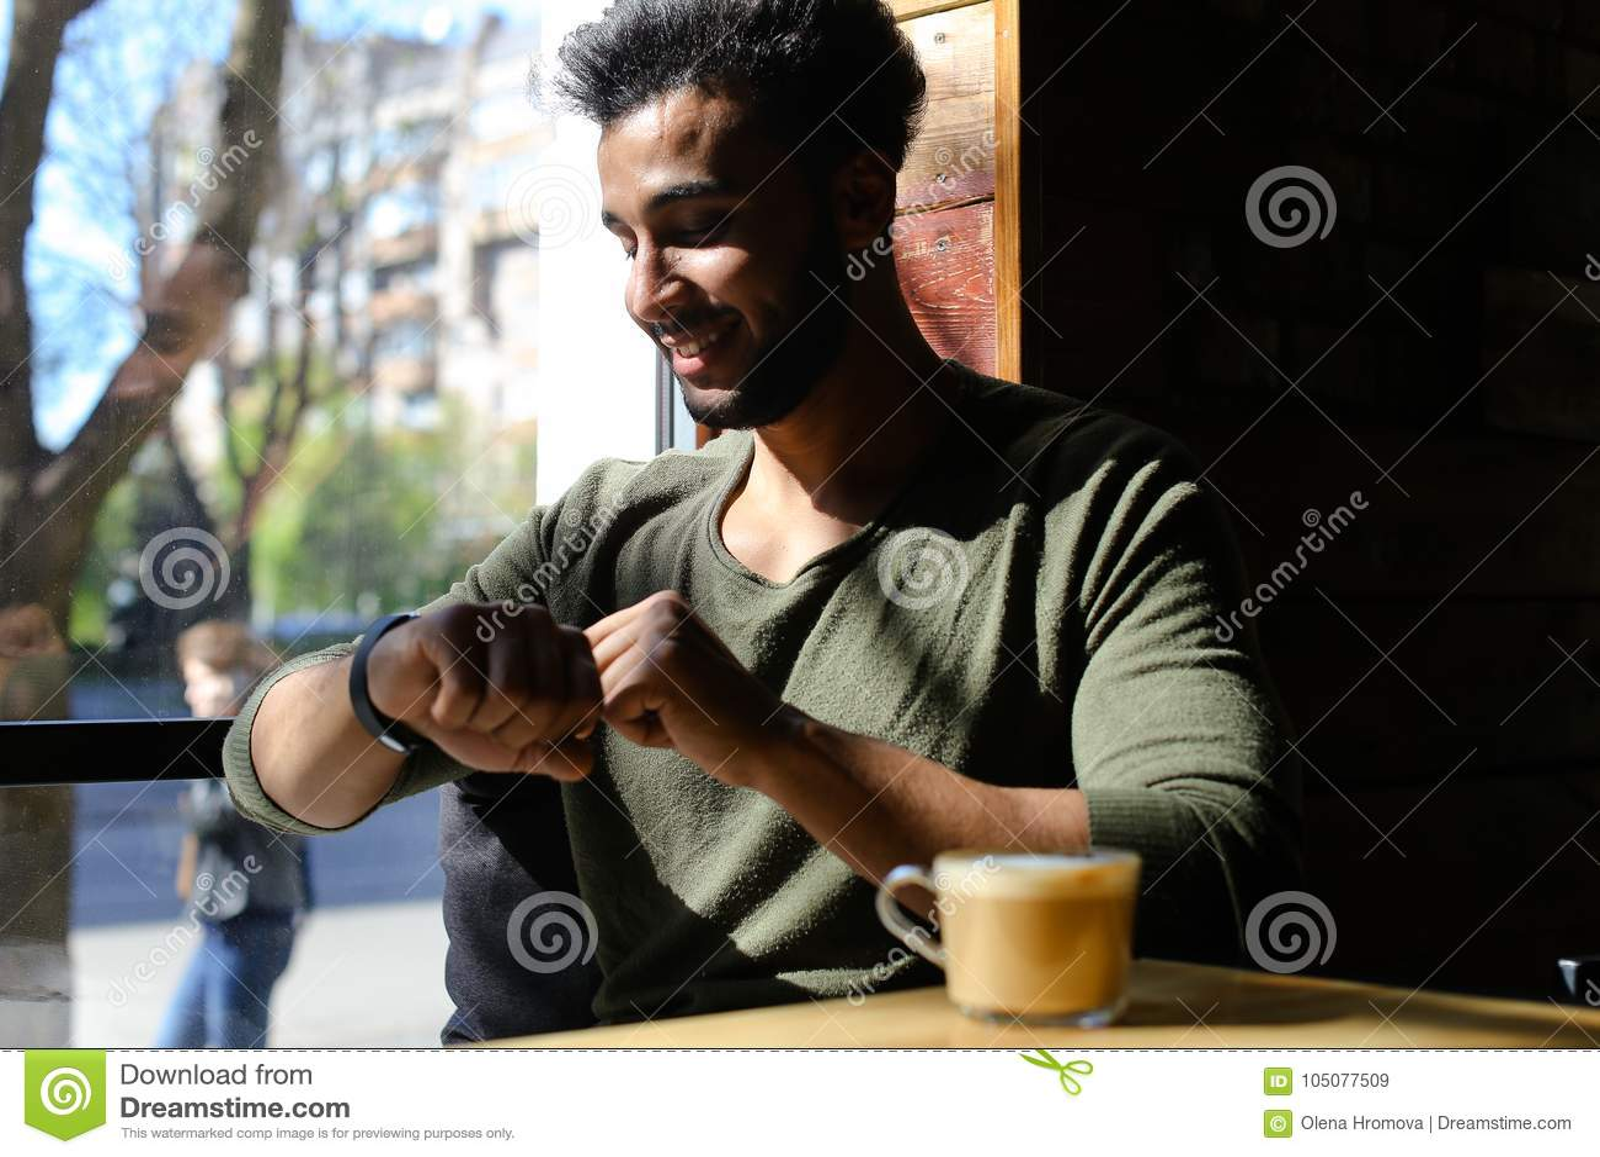 Arab male massage